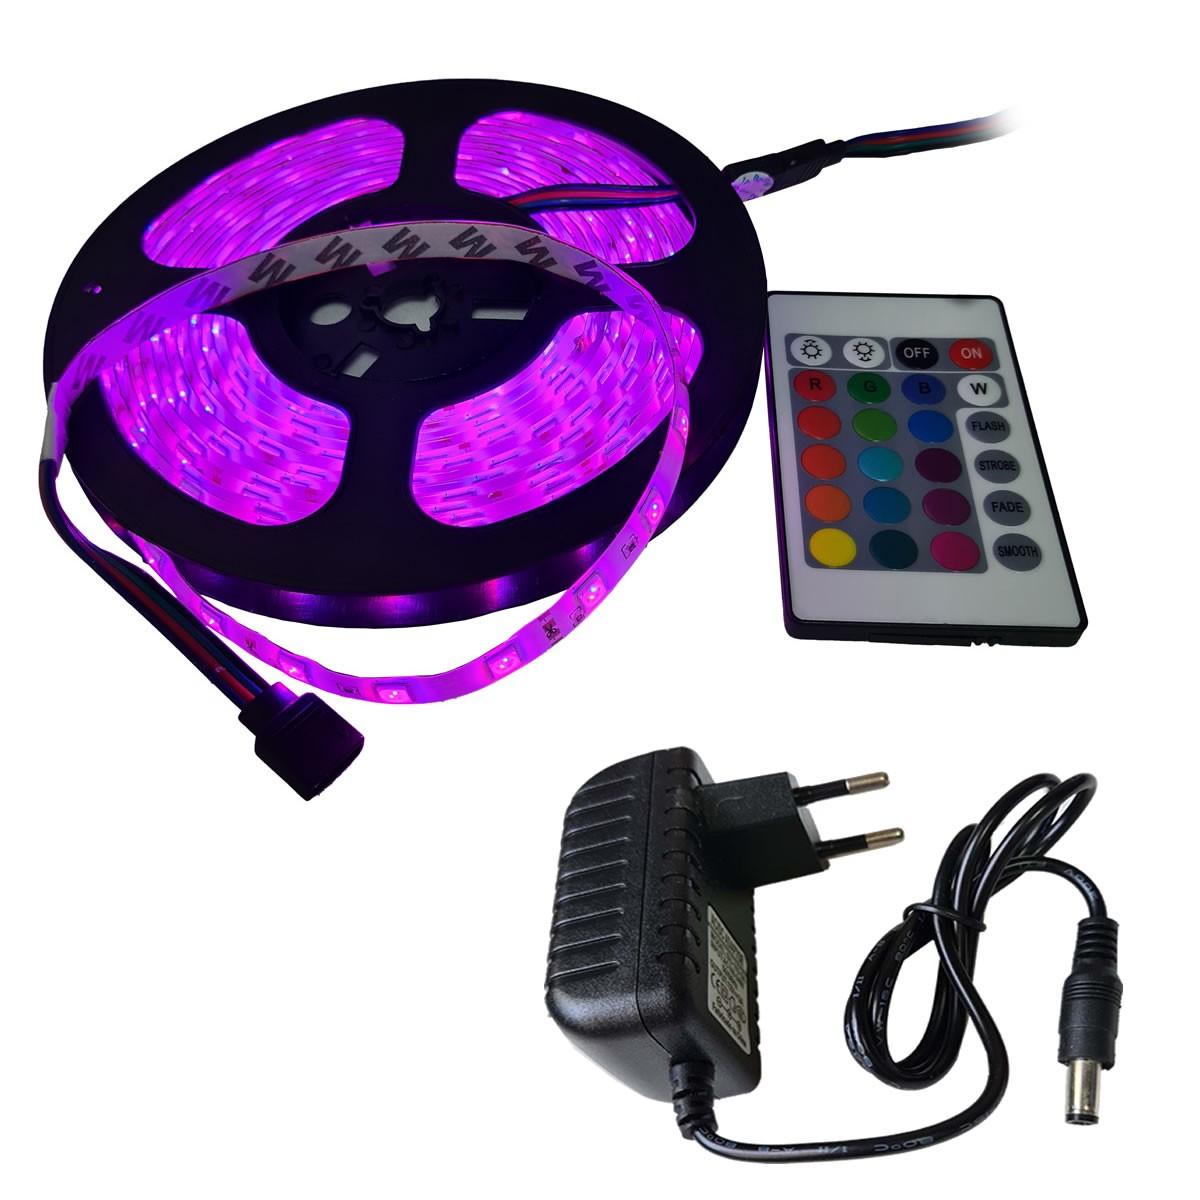 Fita LED RGB com 5 Metros Fonte 3A e Controle Remoto Proteção IP64 5050 Fonte 3A